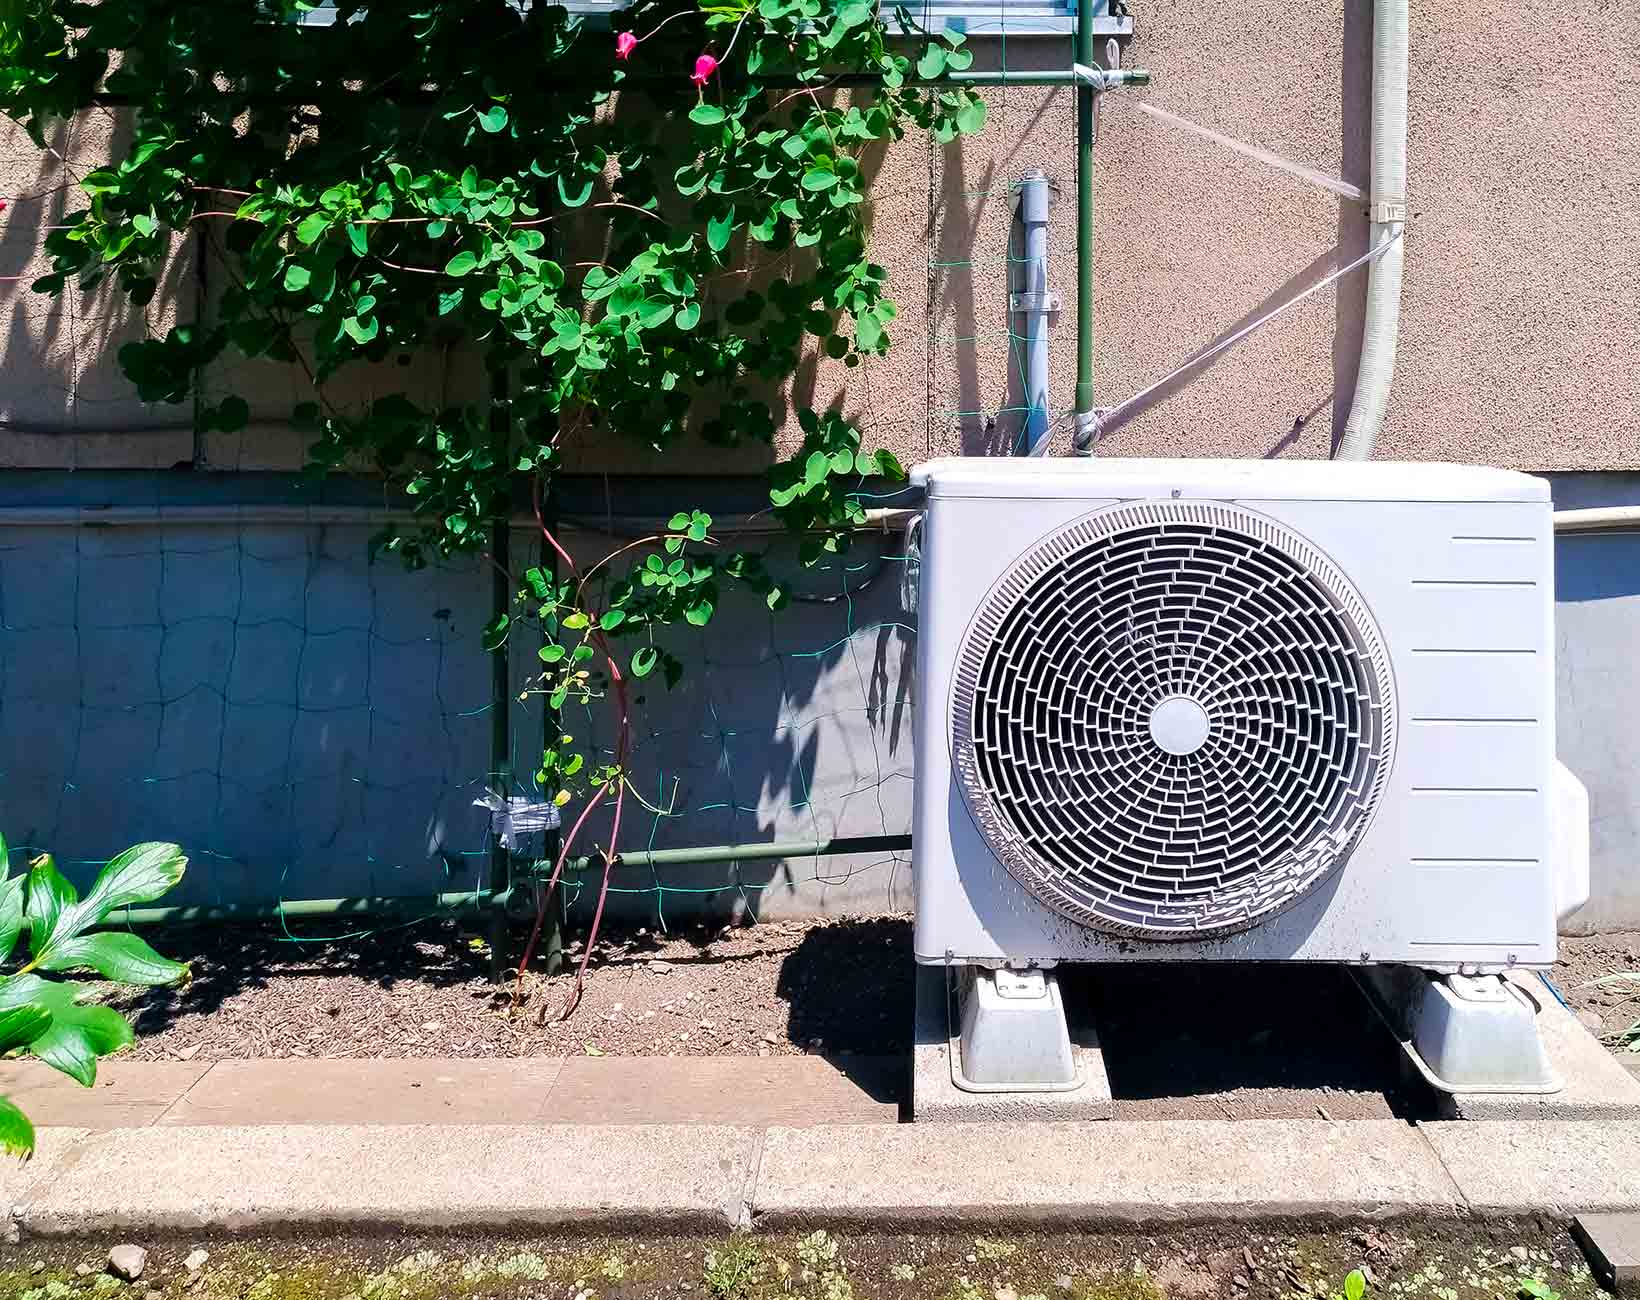 エアコンの室外機とドレンホース(排水ホース)